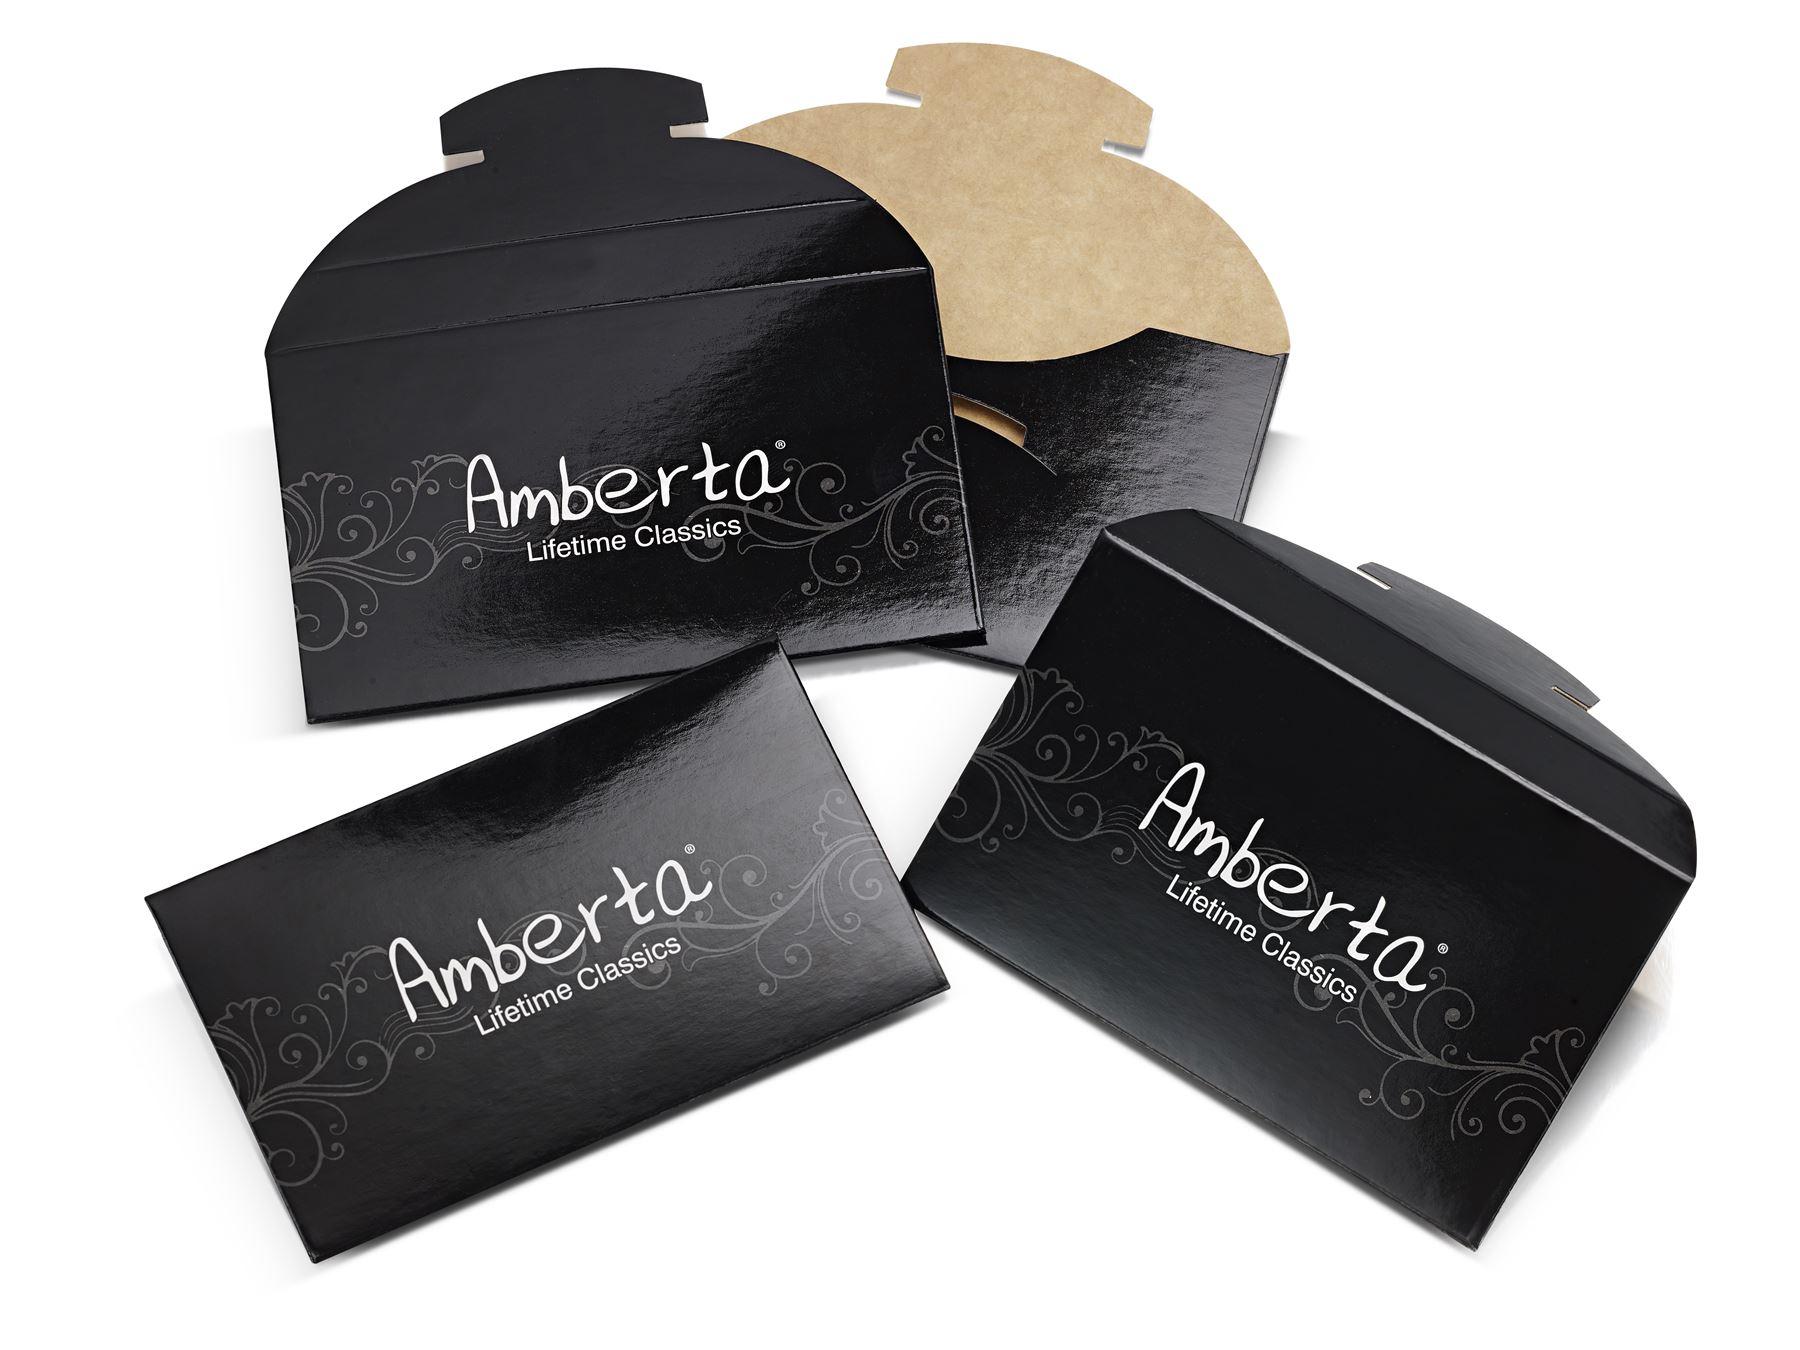 Amberta-Bijoux-Bracelet-en-Vrai-Argent-Sterling-925-Chaine-pour-Femme-a-la-Mode thumbnail 6